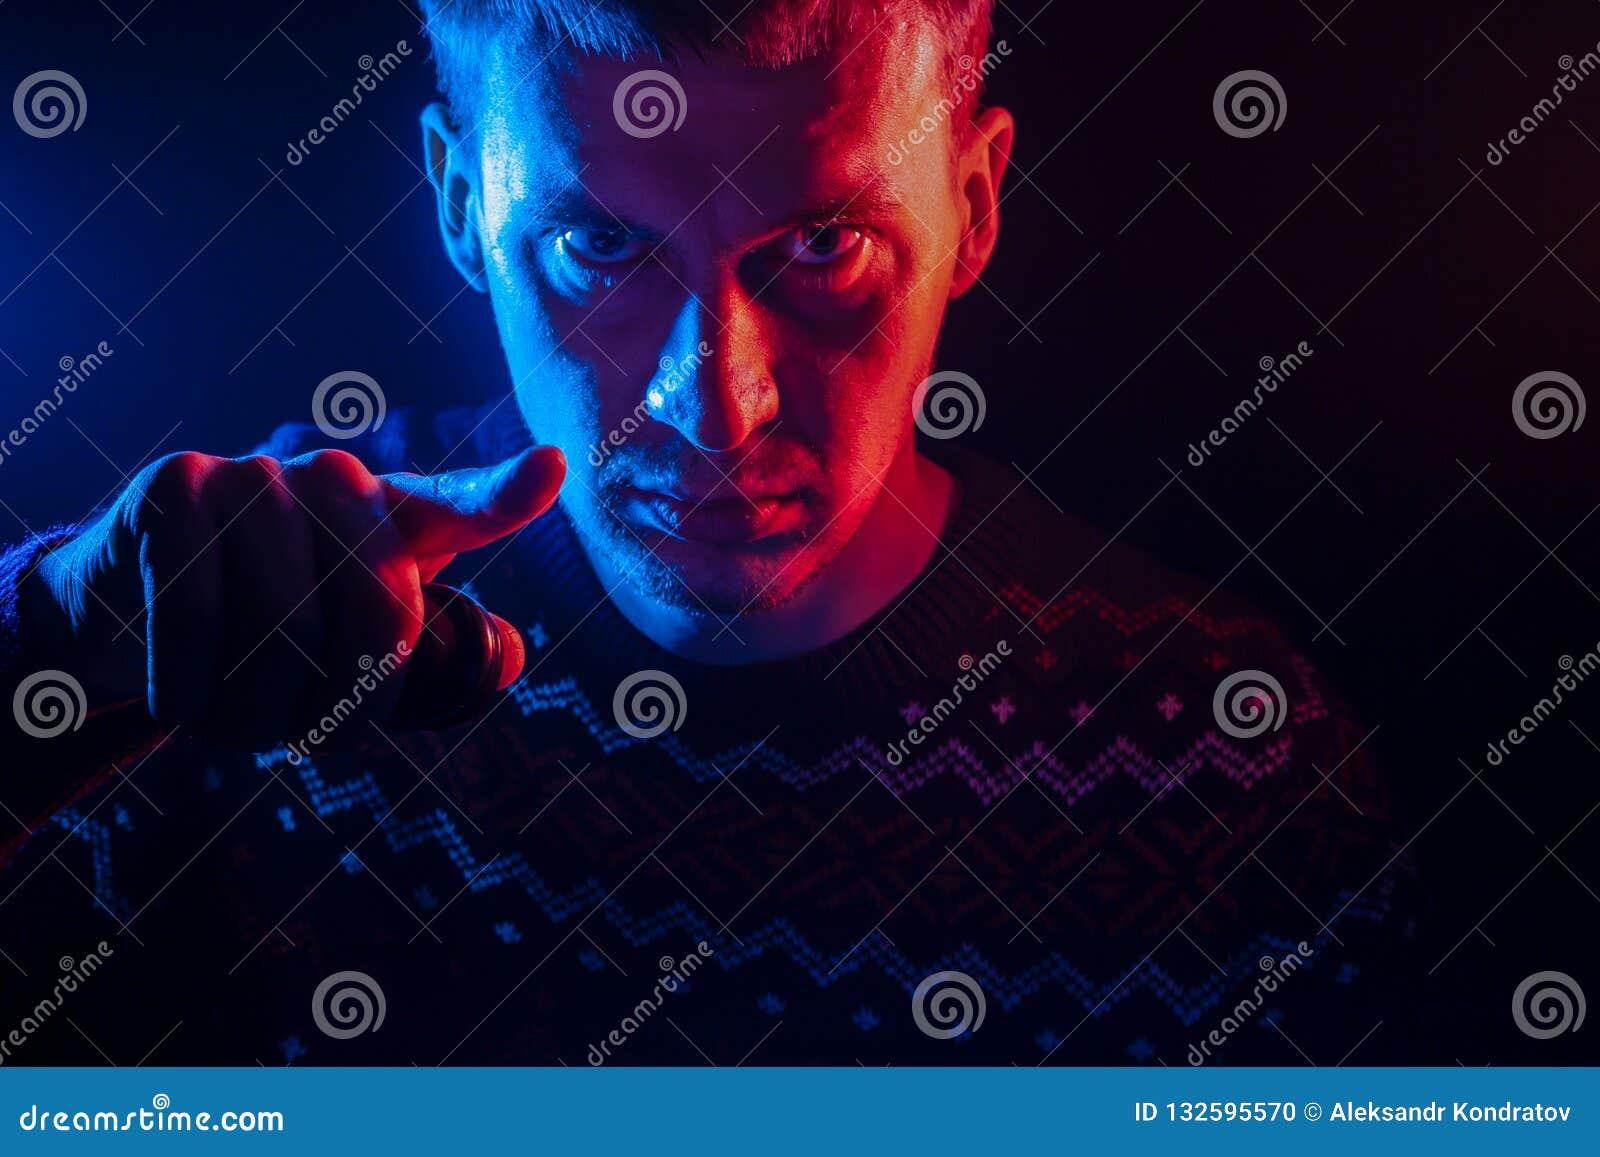 Retrato de um homem de cabelos curtos com uma sombra em uma cara séria d